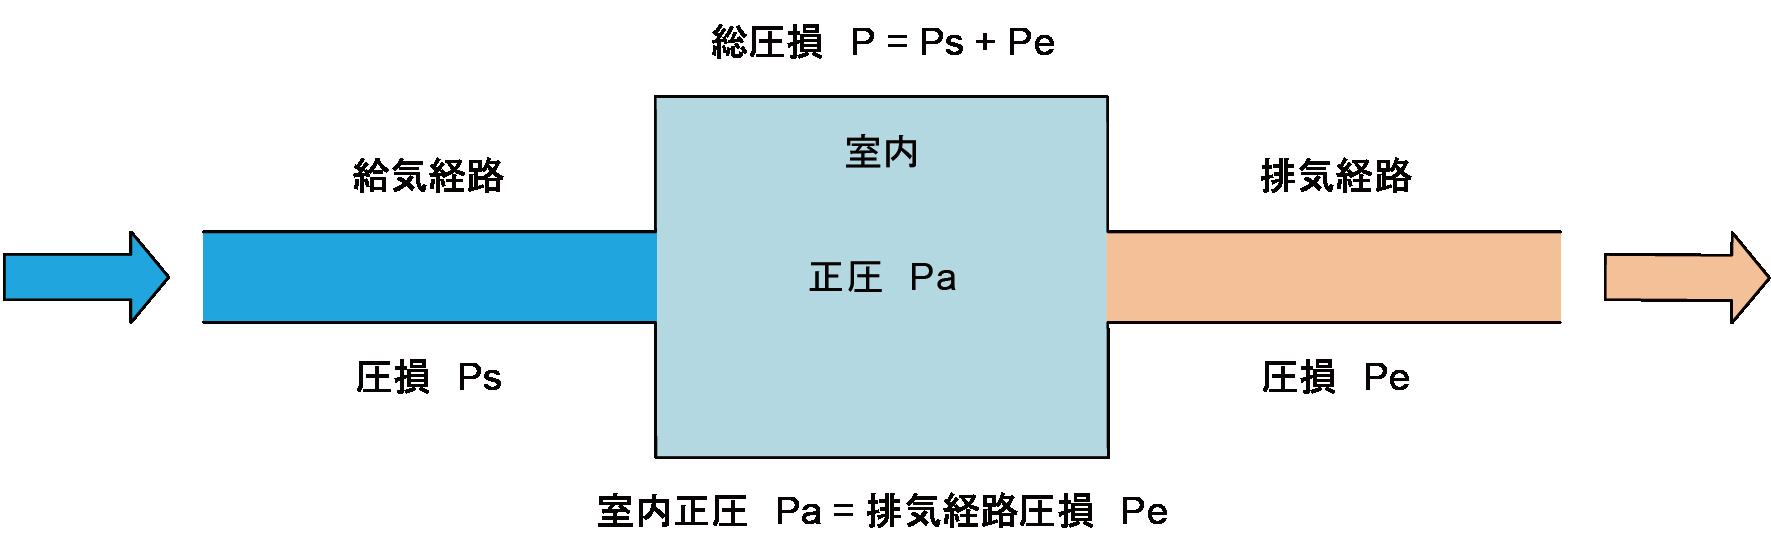 sakamoto_6-fig1